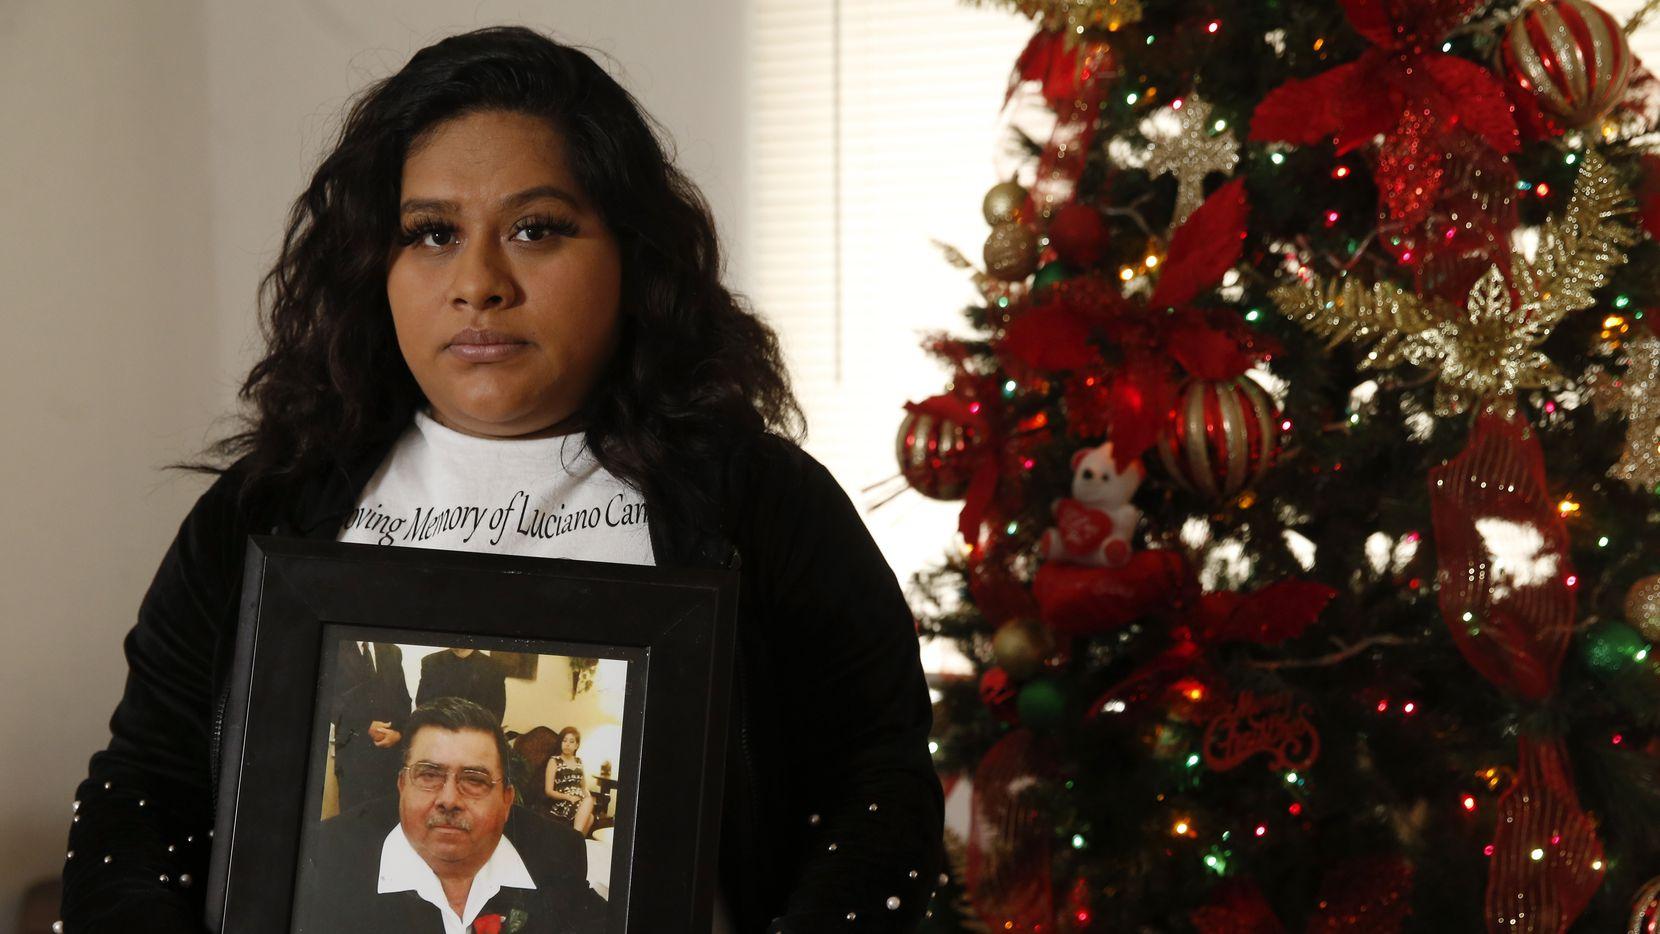 Carolina Padilla, 28, perdió a su abuelo, Luciano Campos, en junio pasado. La mayor parte de la familia se reunía en Navidad y este año, por la pandemia, no harán ninguna reunión. 'La Navidad nunca será igual sin él', dijo Padilla, quien vive en Garland.